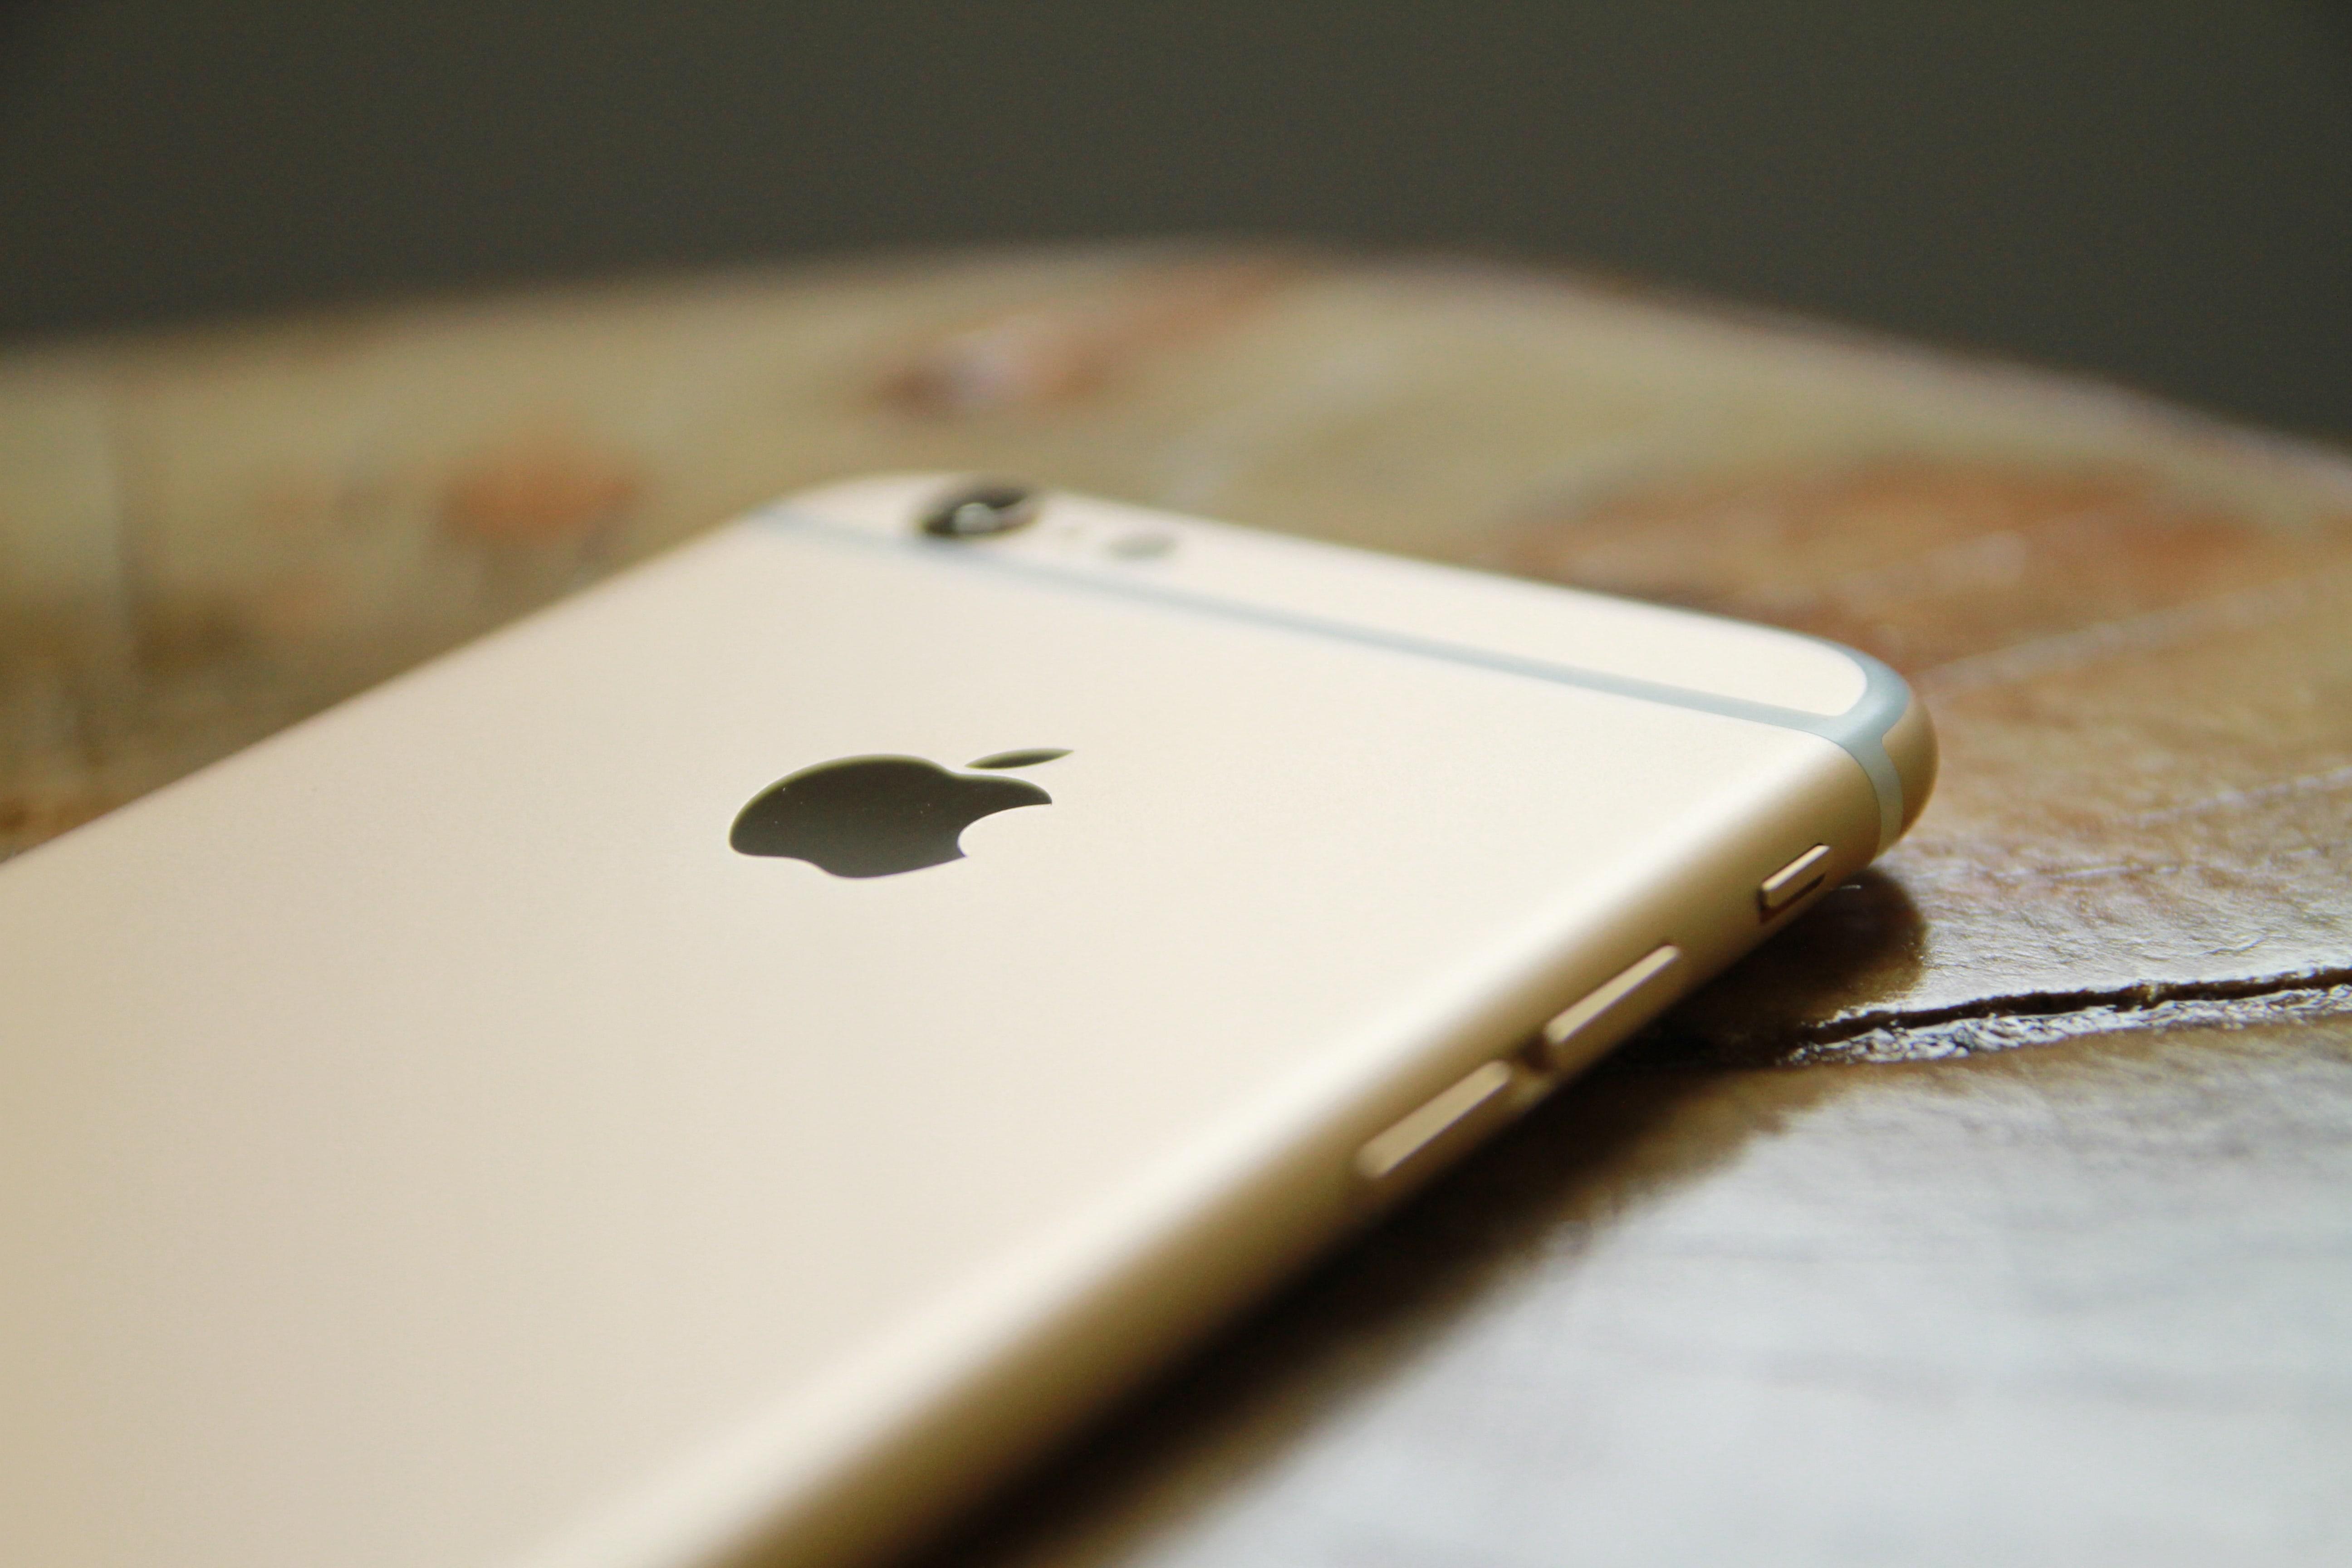 シムロックのかかったiPhoneでも大丈夫!auのiPhoneならアメリカで使える!